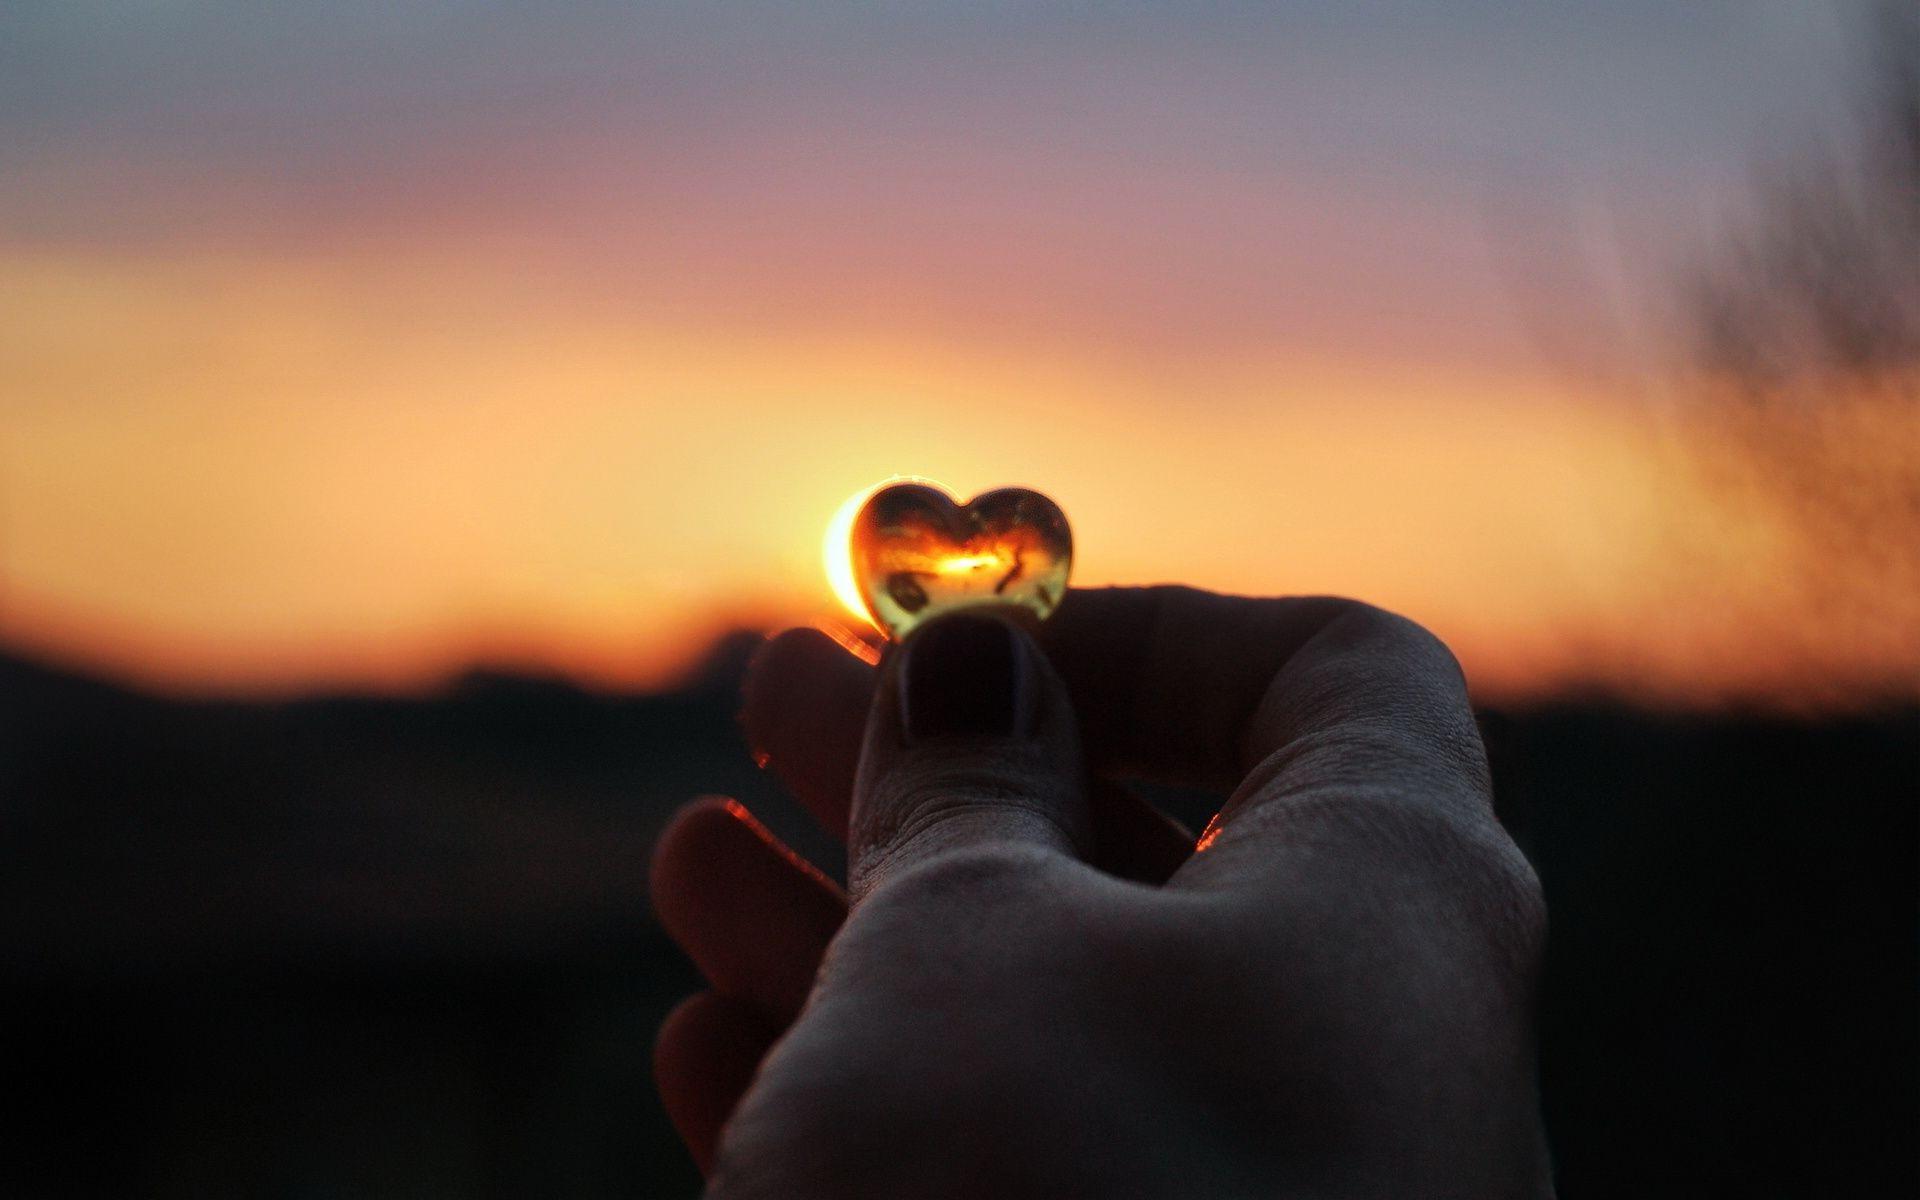 Романтик - значение слова, как стать романтиком